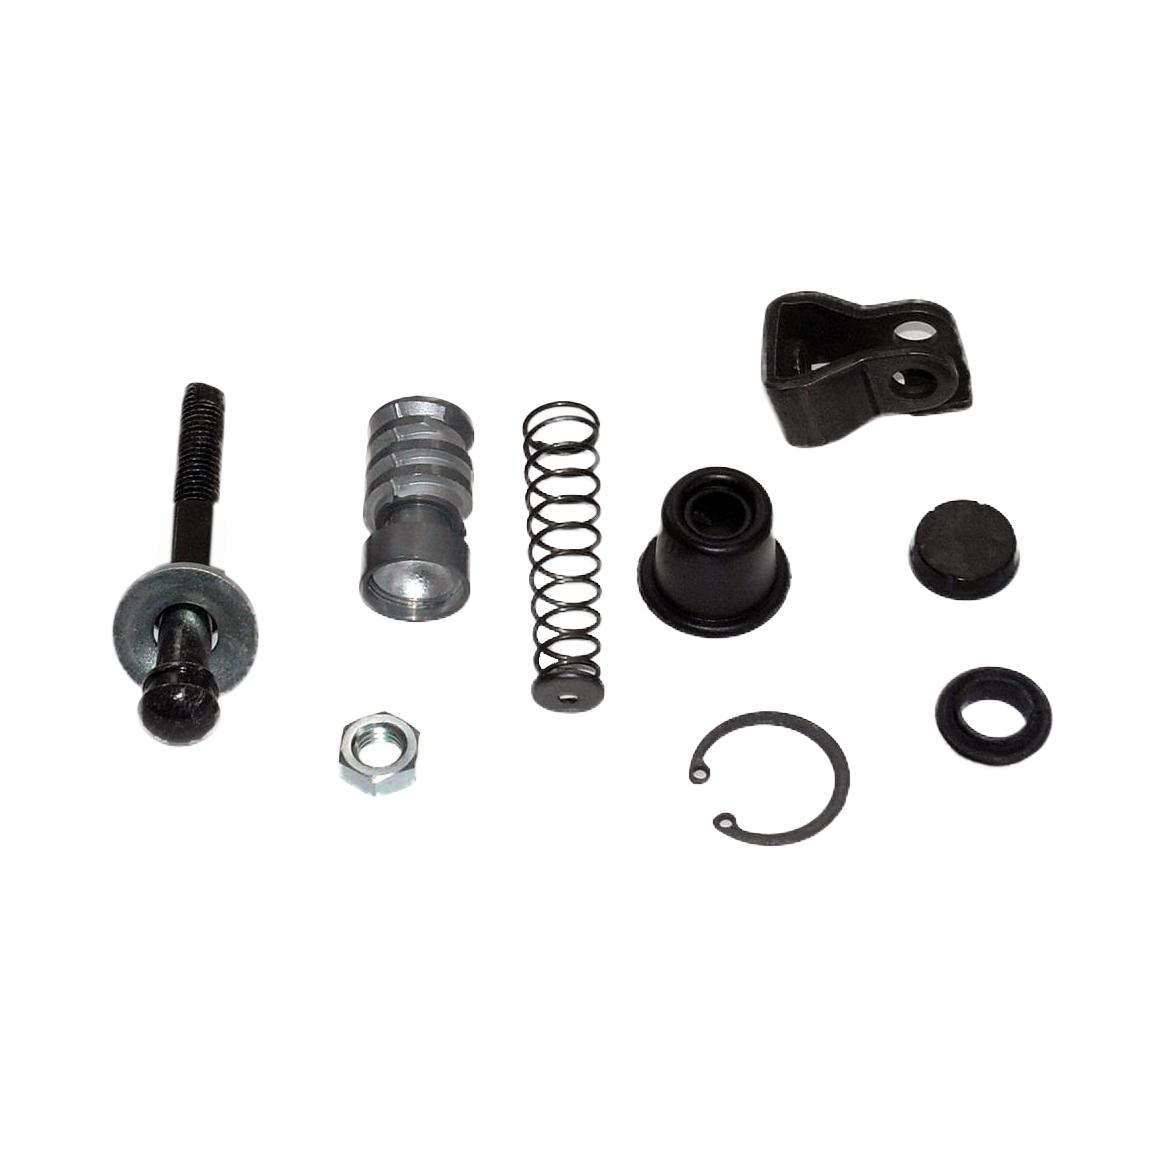 Kit réparation maître-cylindre de frein arrière Tour Max Honda ST 1300